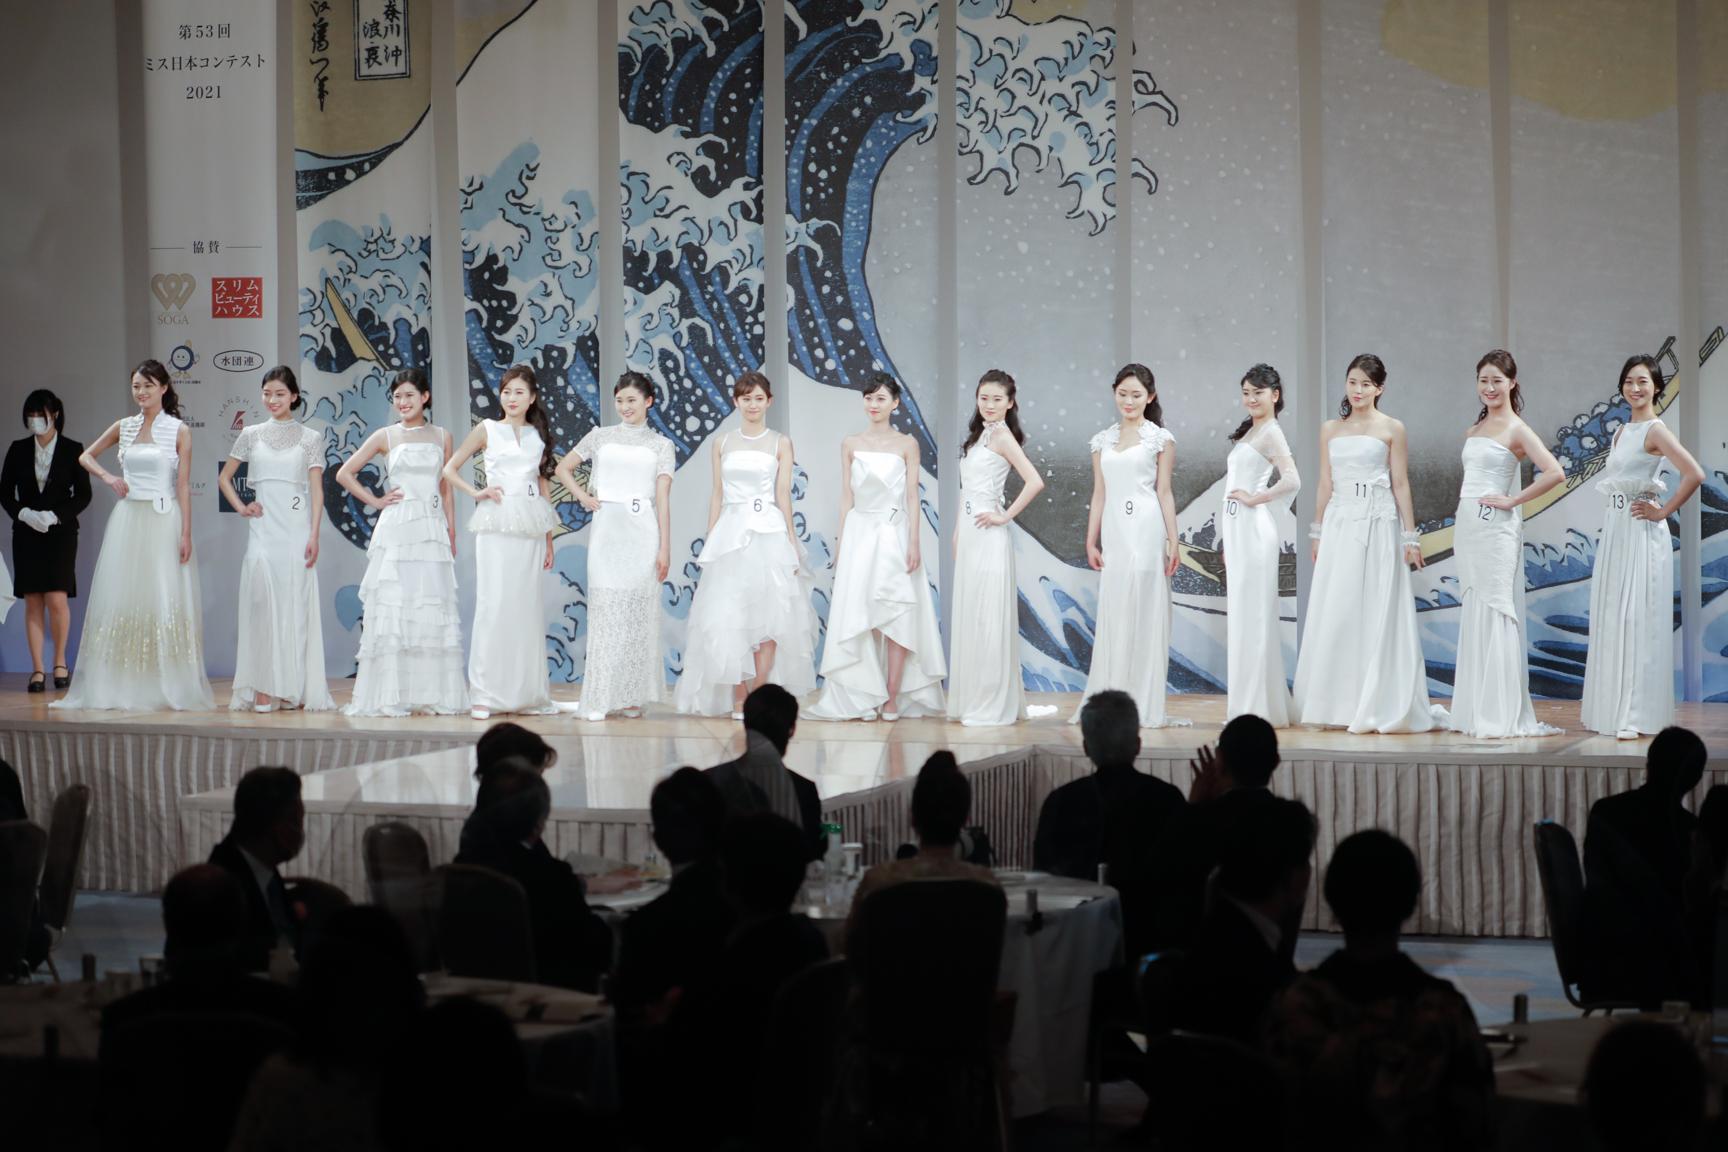 ミス日本コンテスト2021